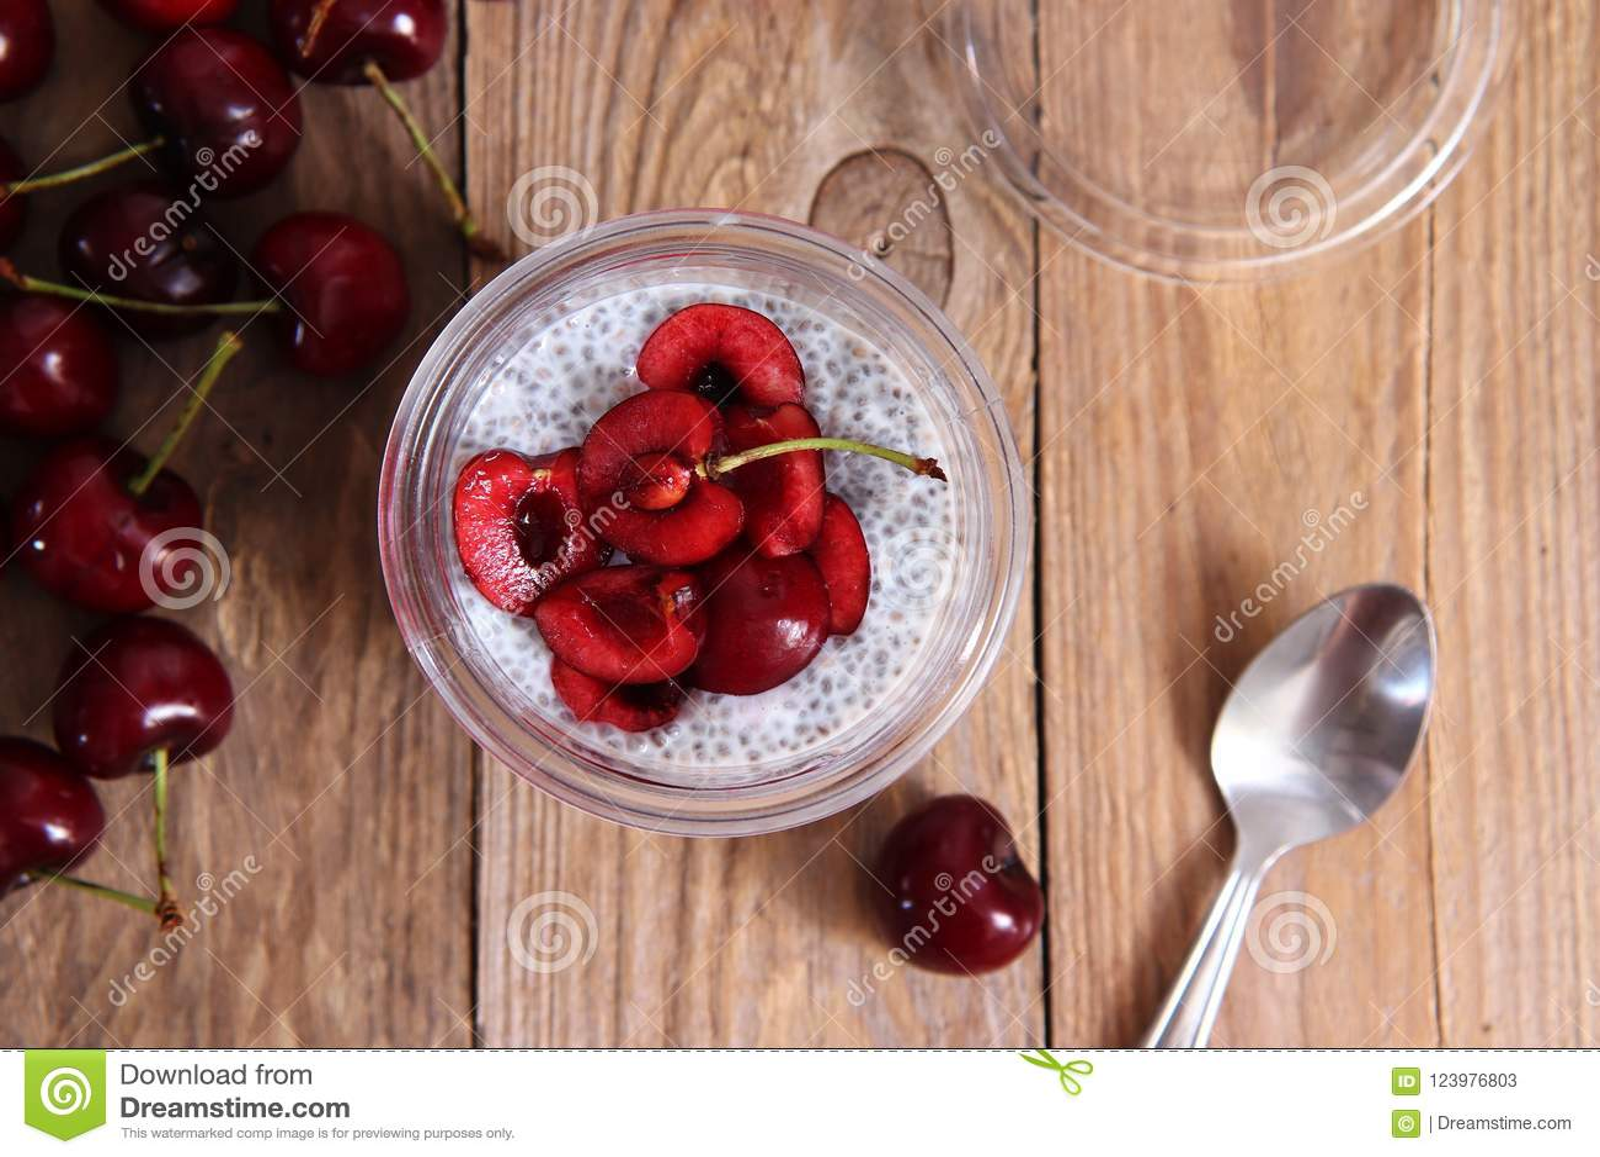 Chia-Pudding mit Kirschen